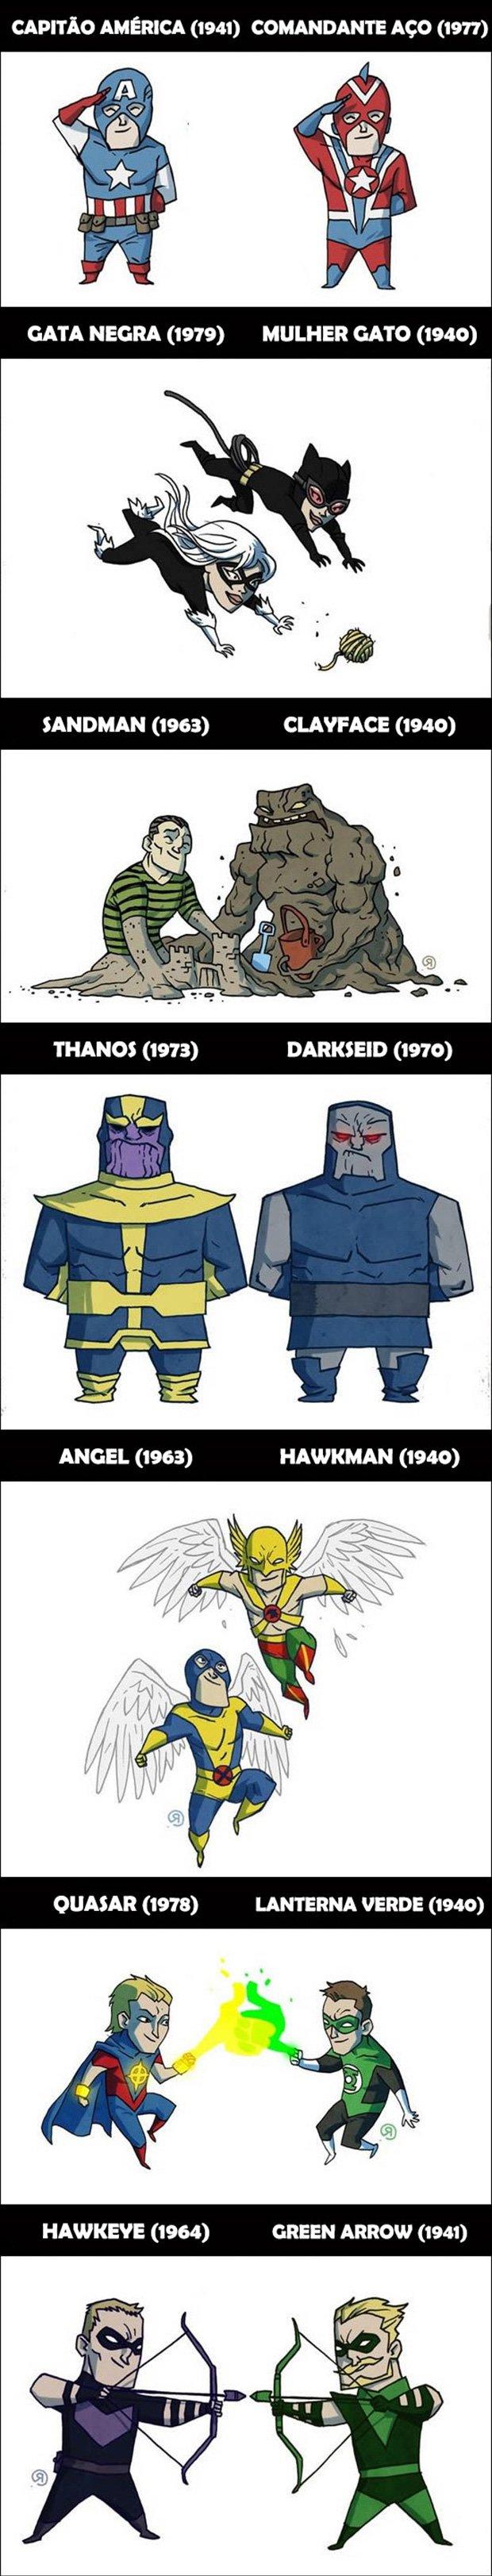 Personagens-equivalentes-entre-Marvel-e-DC-2_01